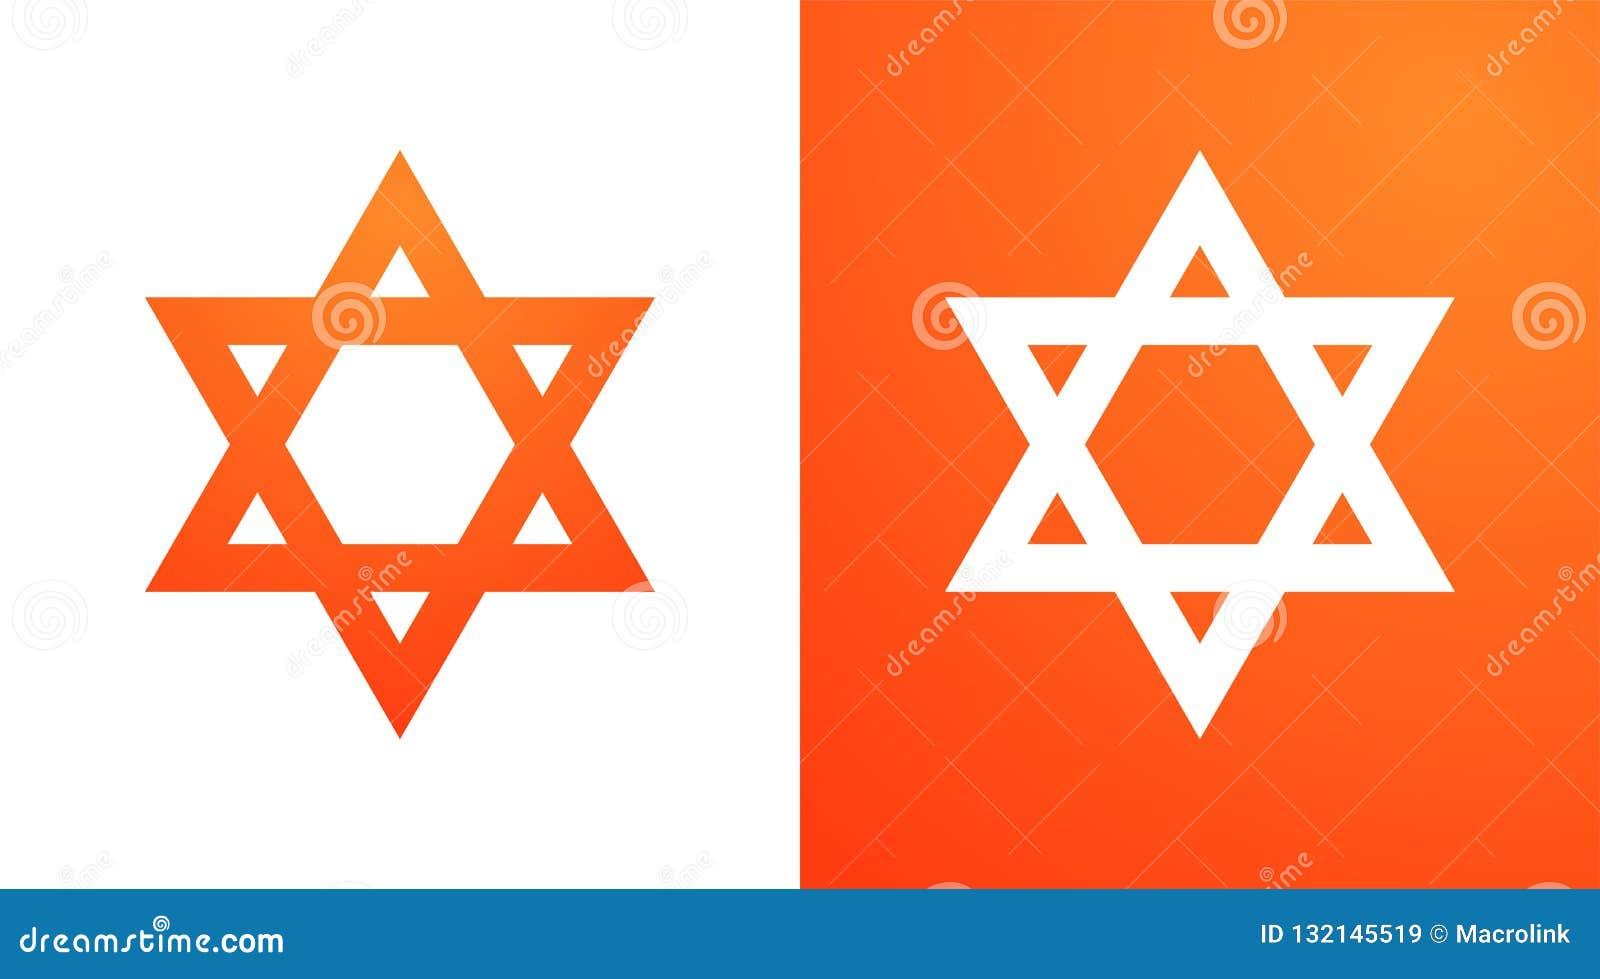 étoile De David Dans La Couleur Orange Symbole De Hexagram